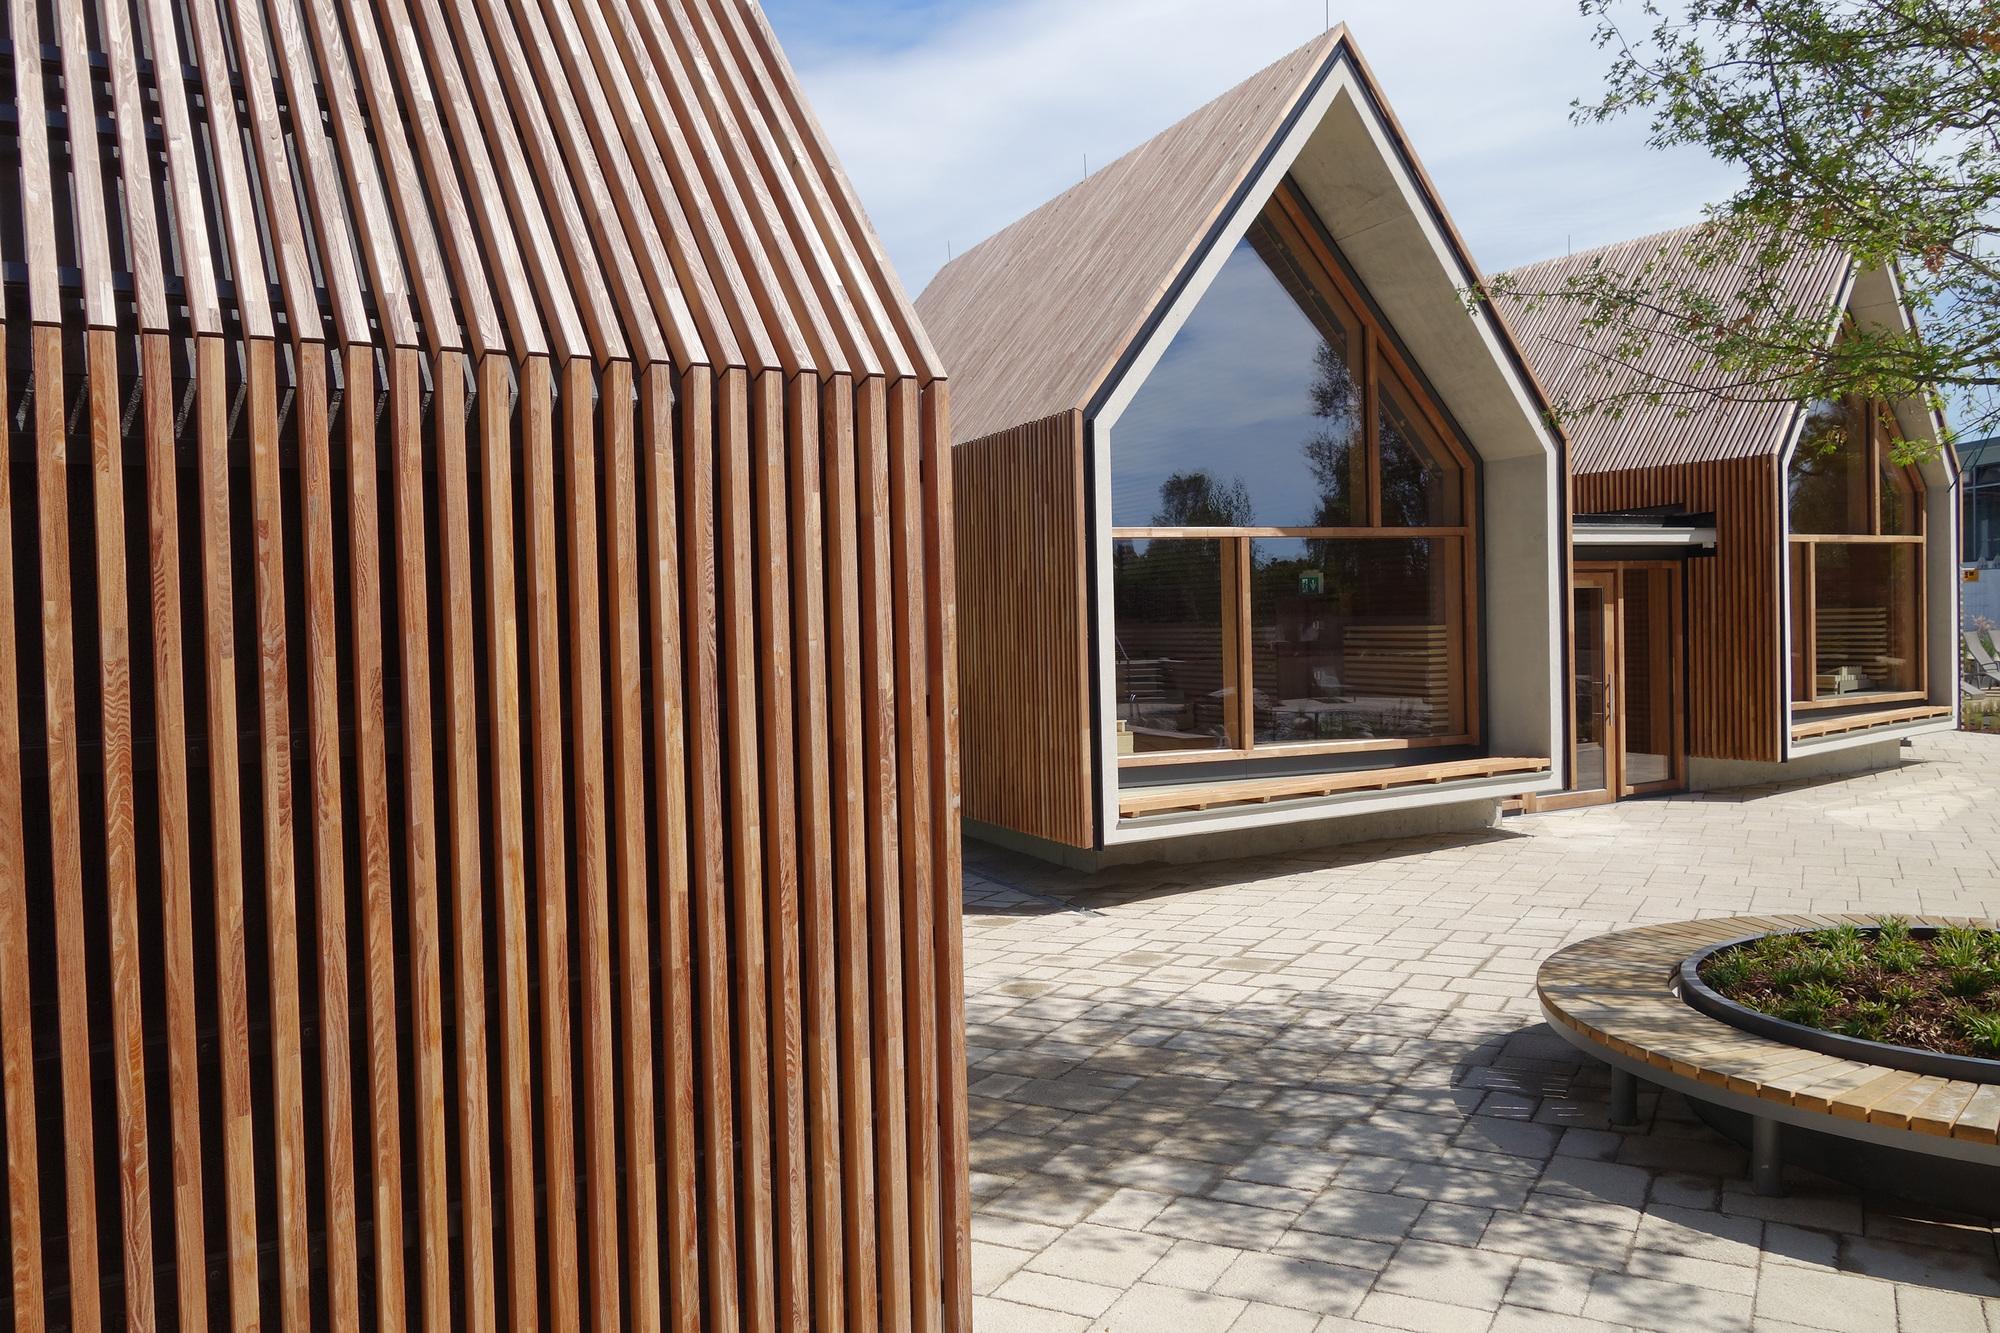 Gallery of jordanbad sauna village jeschke architektur planung 18 - Sauna architektur ...